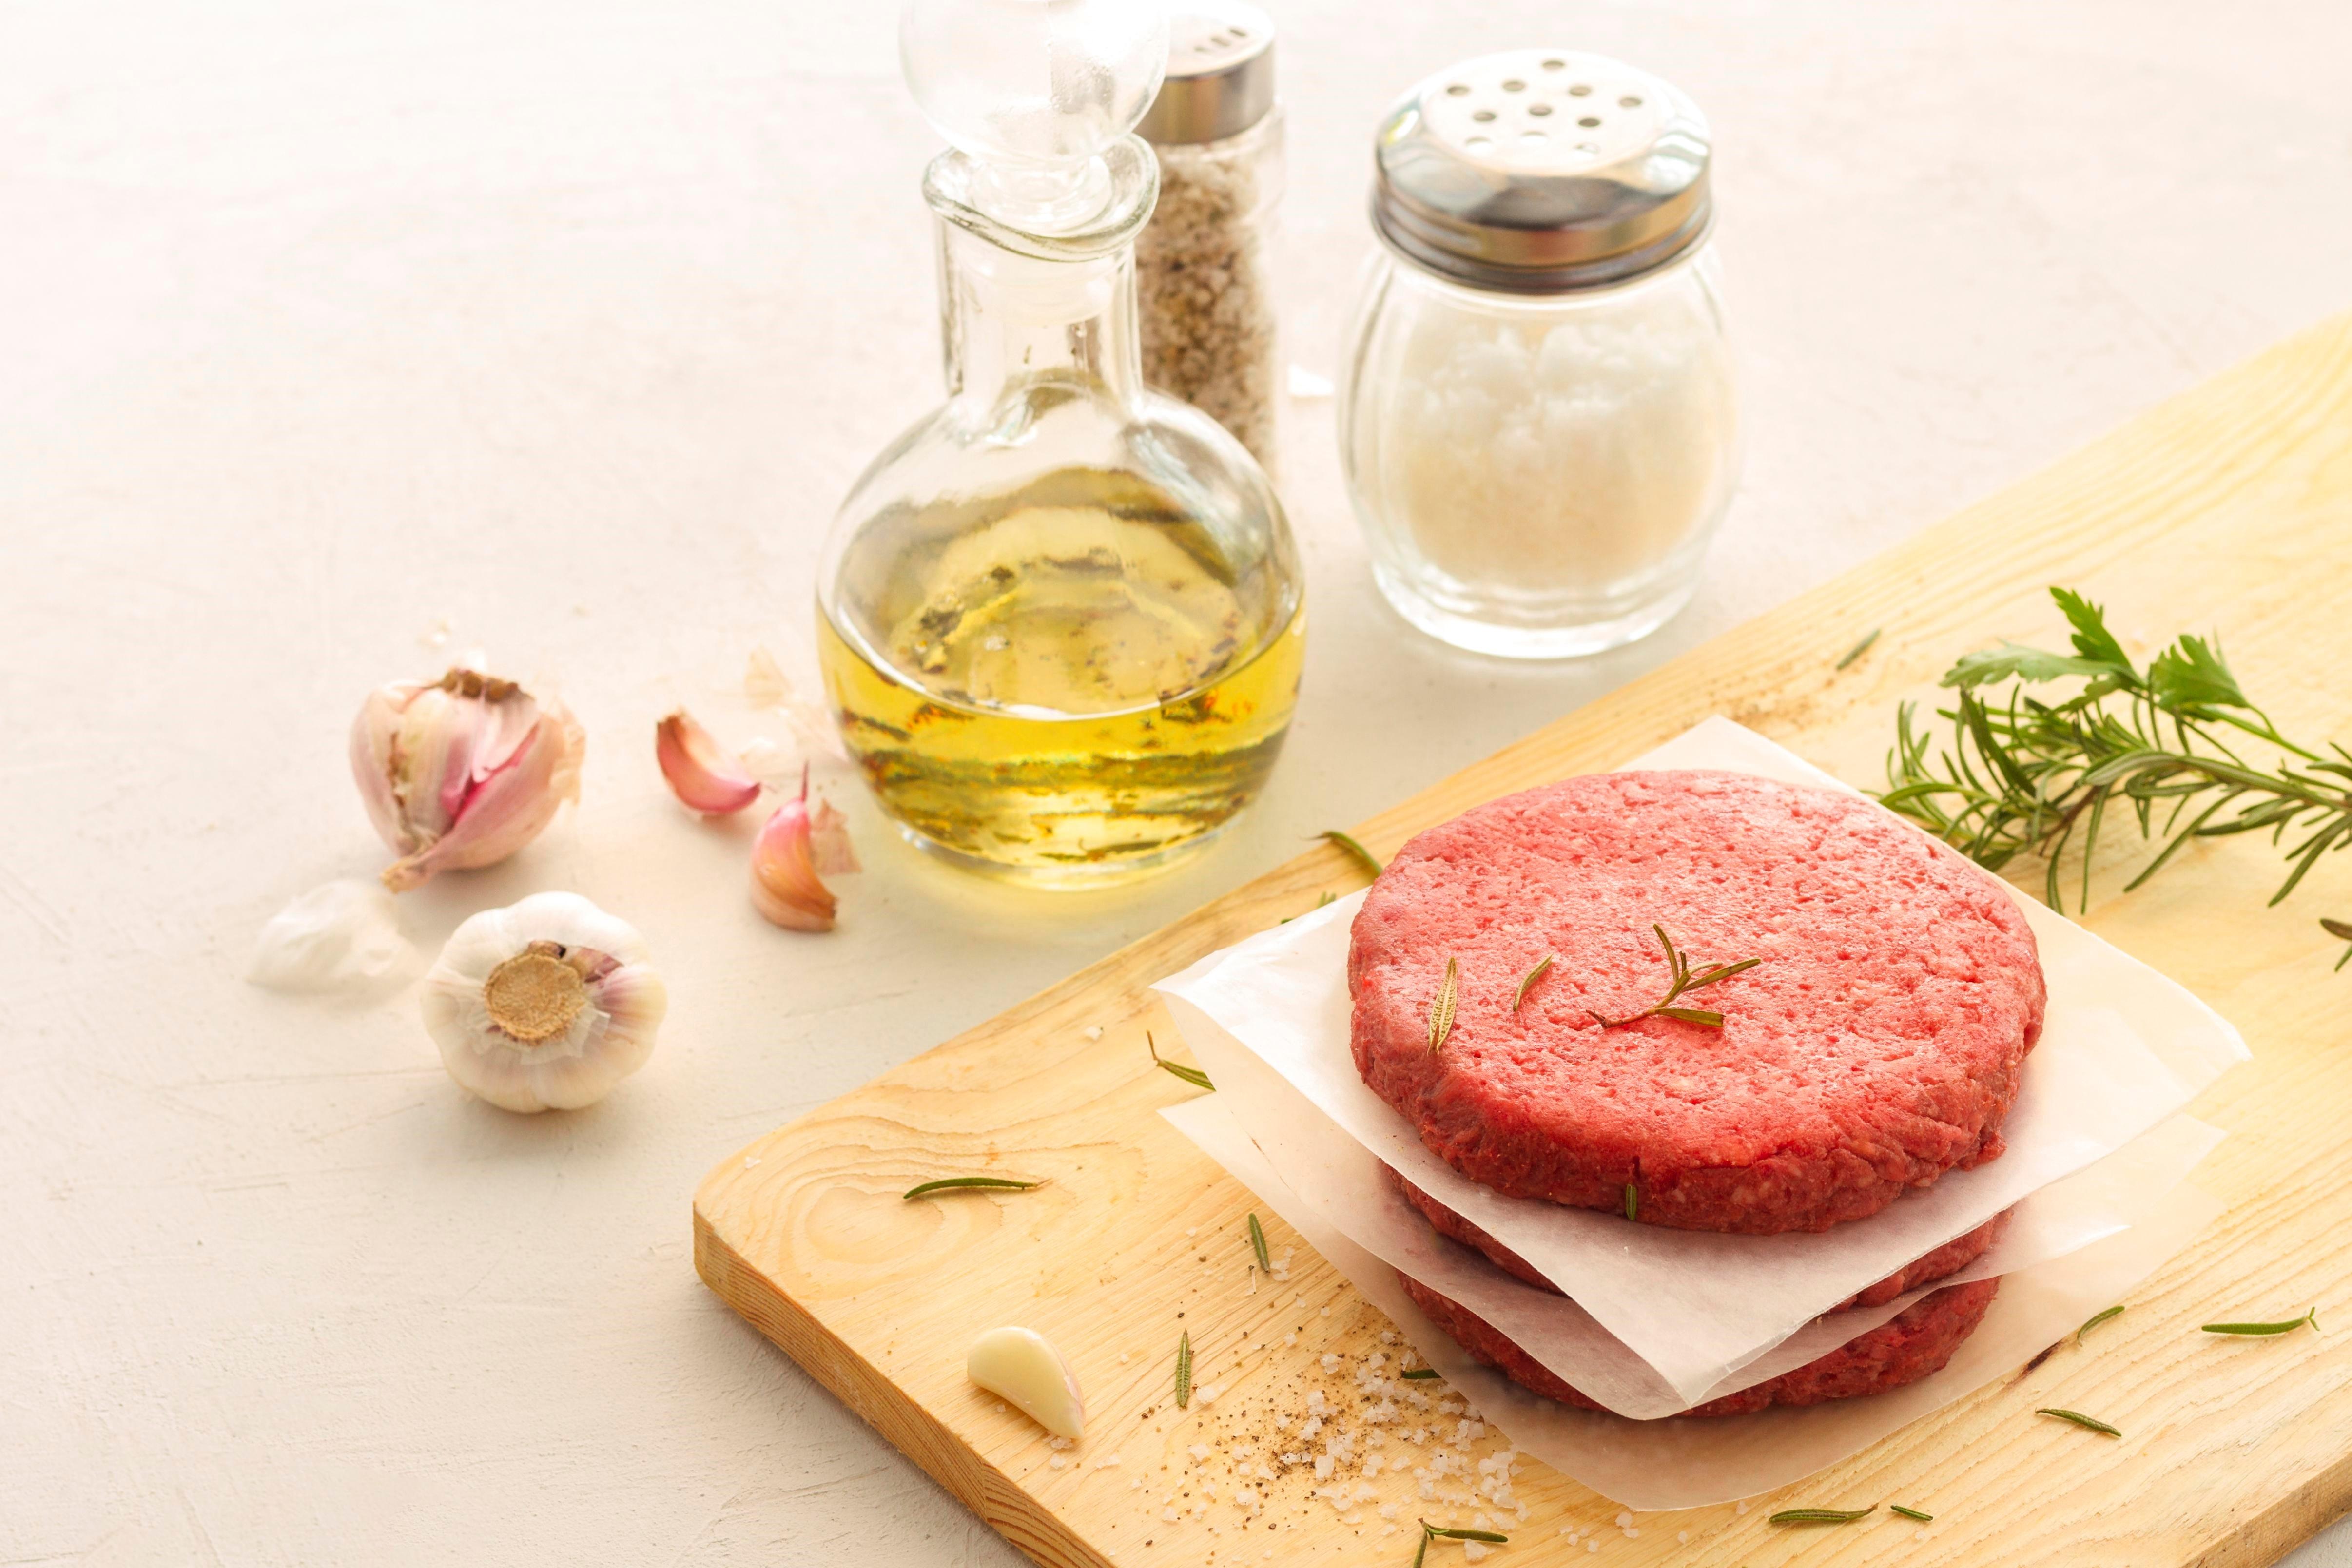 未來肉成分主要是豌豆分離蛋白、馬鈴薯澱粉,以及香料、麥芽糊精、增稠劑等添加物